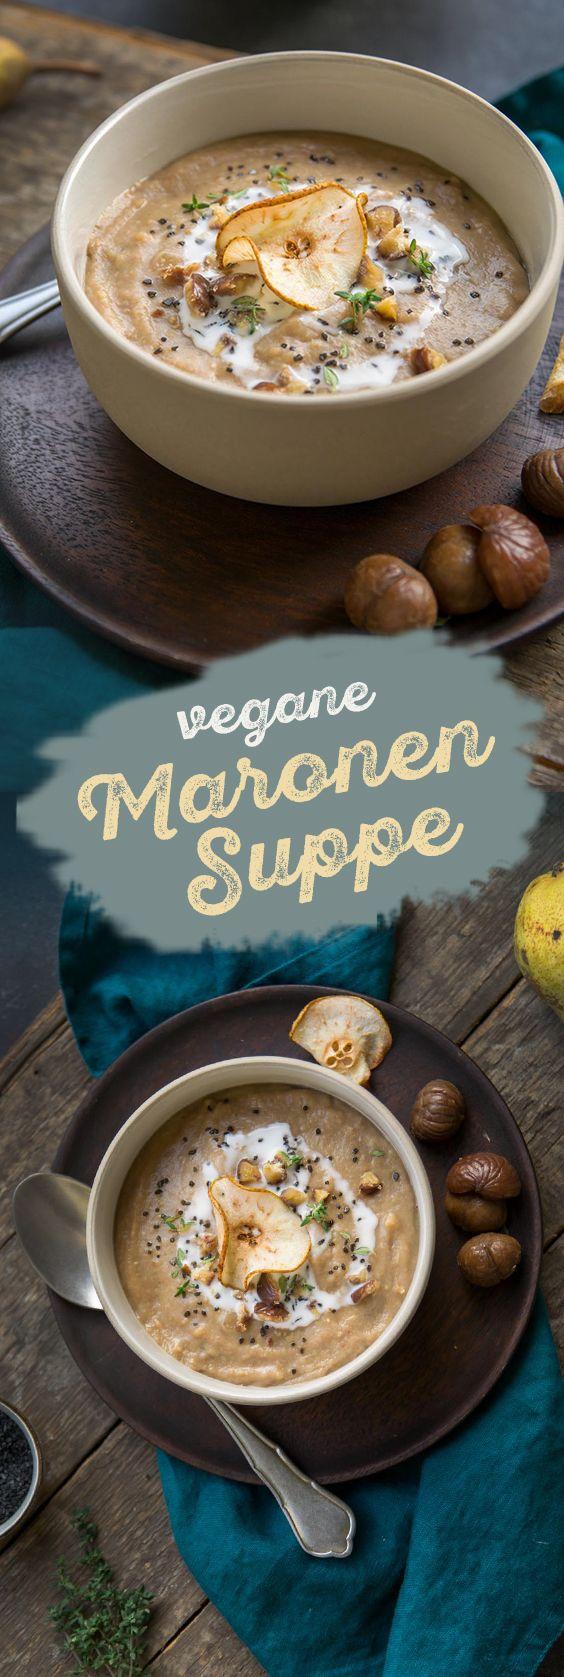 Wärmende Maronensuppe für kalte Wintertage. #vegan #gesunderezepte #glutenfrei #maronen #suppe